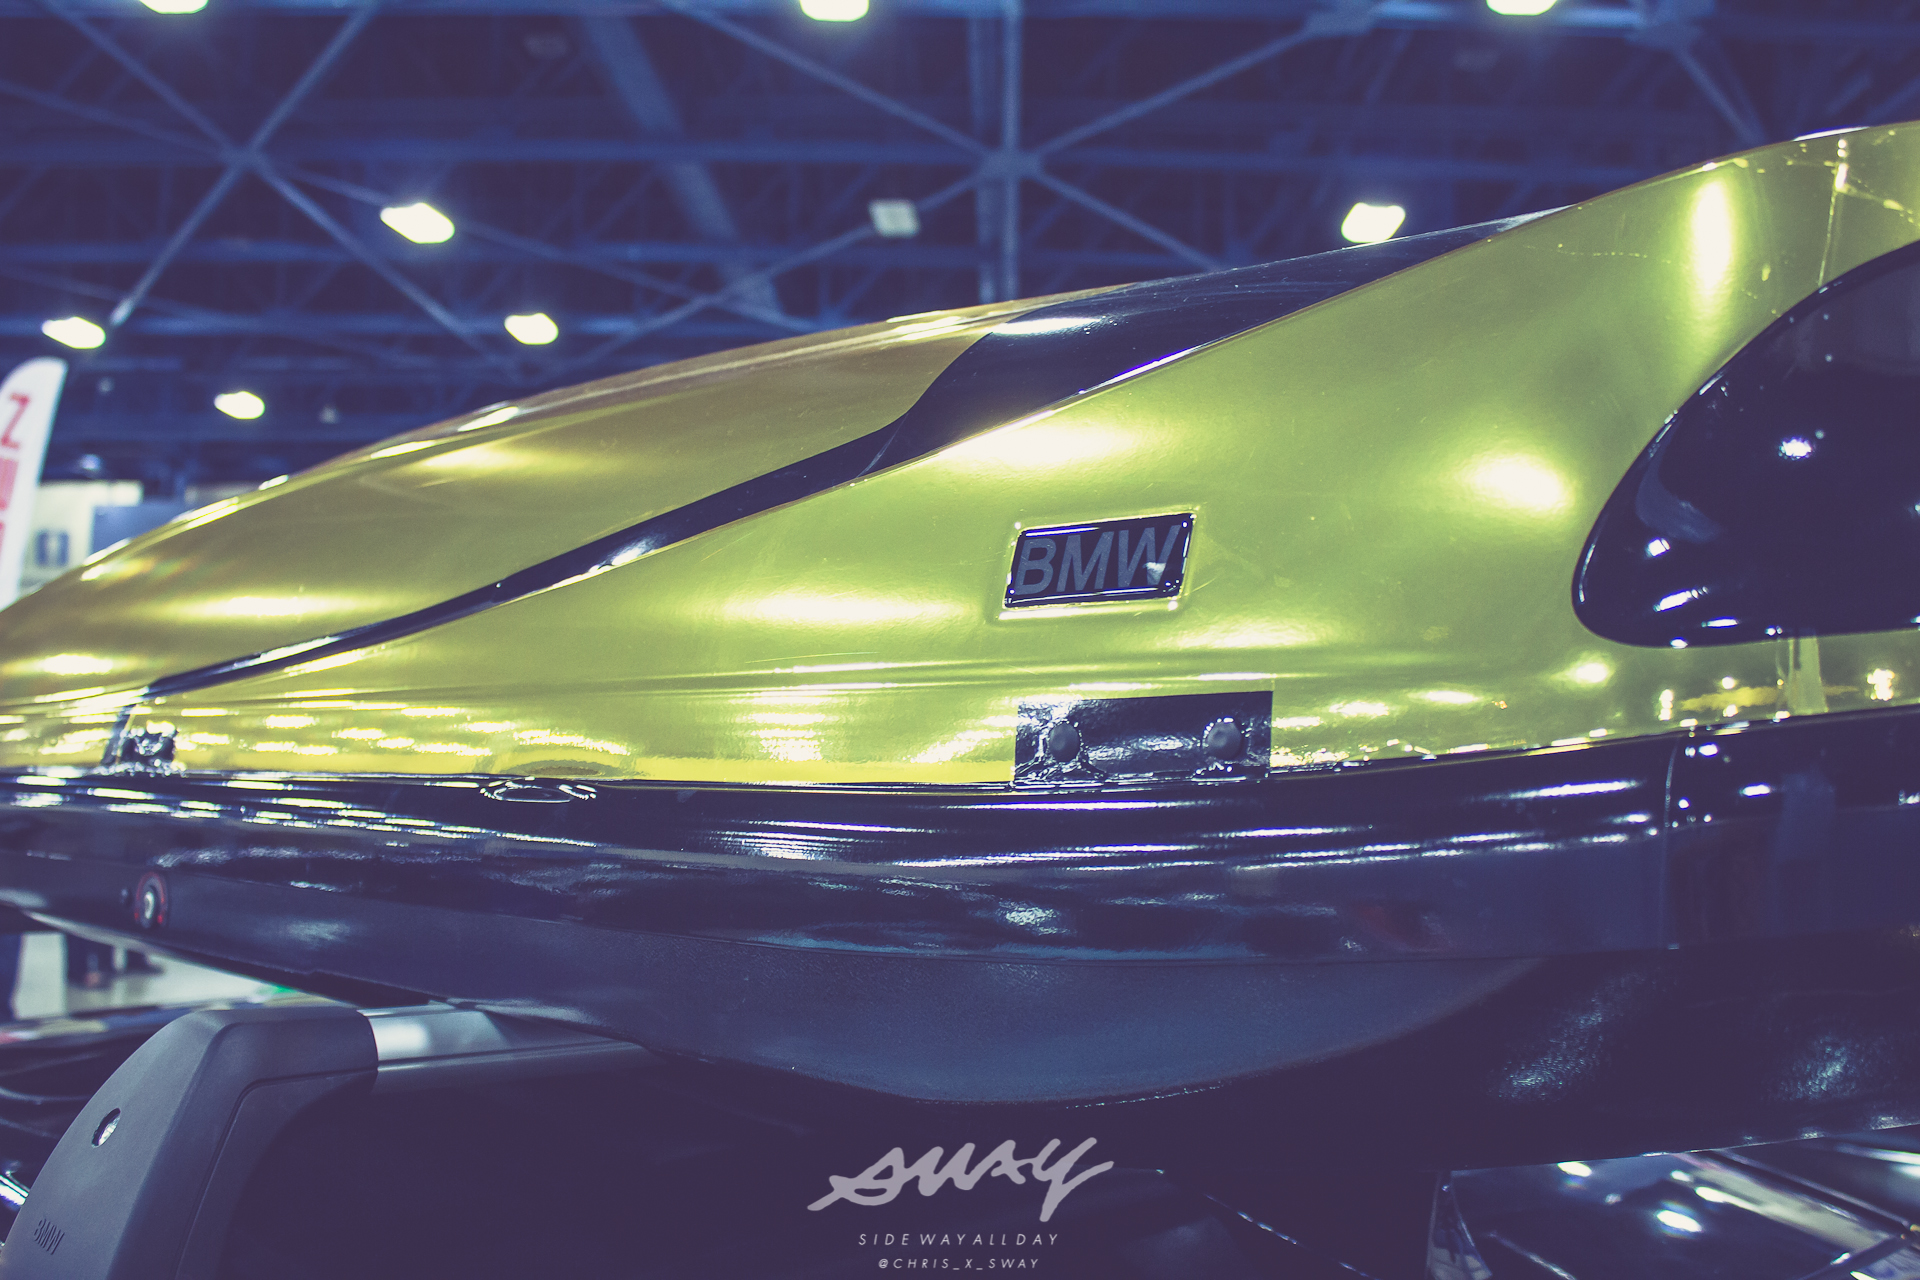 SWAY-WKFSTMIA-136.jpg